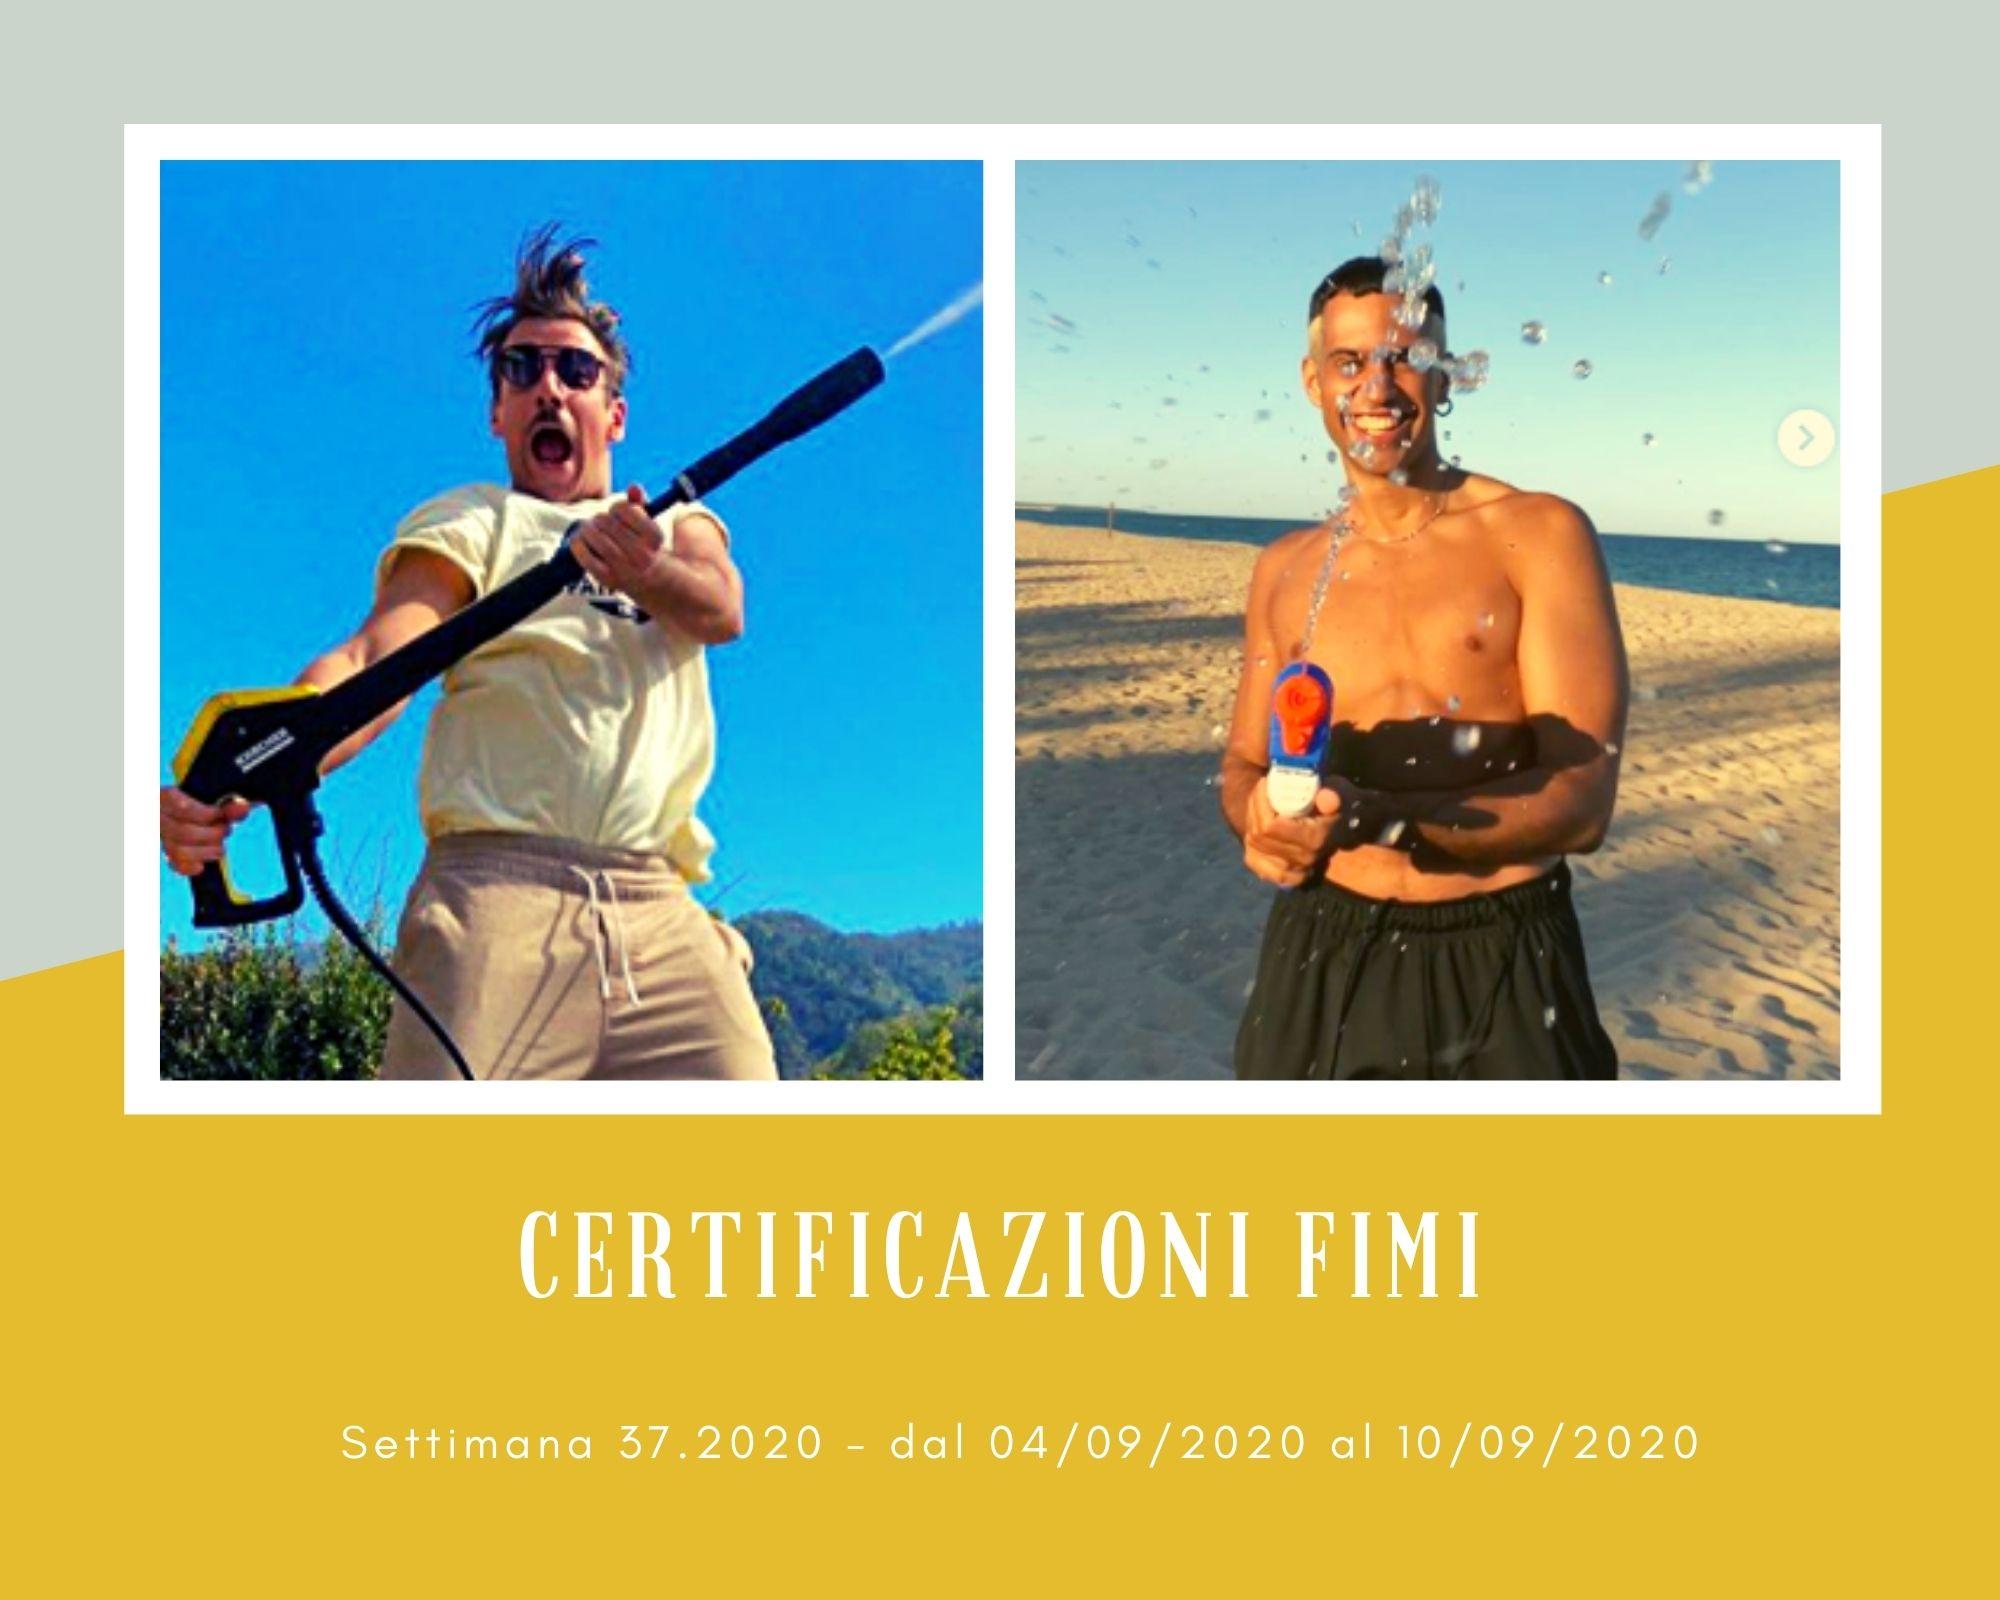 Certificazioni FIMI, week 37: L'estate d'oro di Francesco Gabbani e Mahmood. Platino per Ernia e Harry Styles